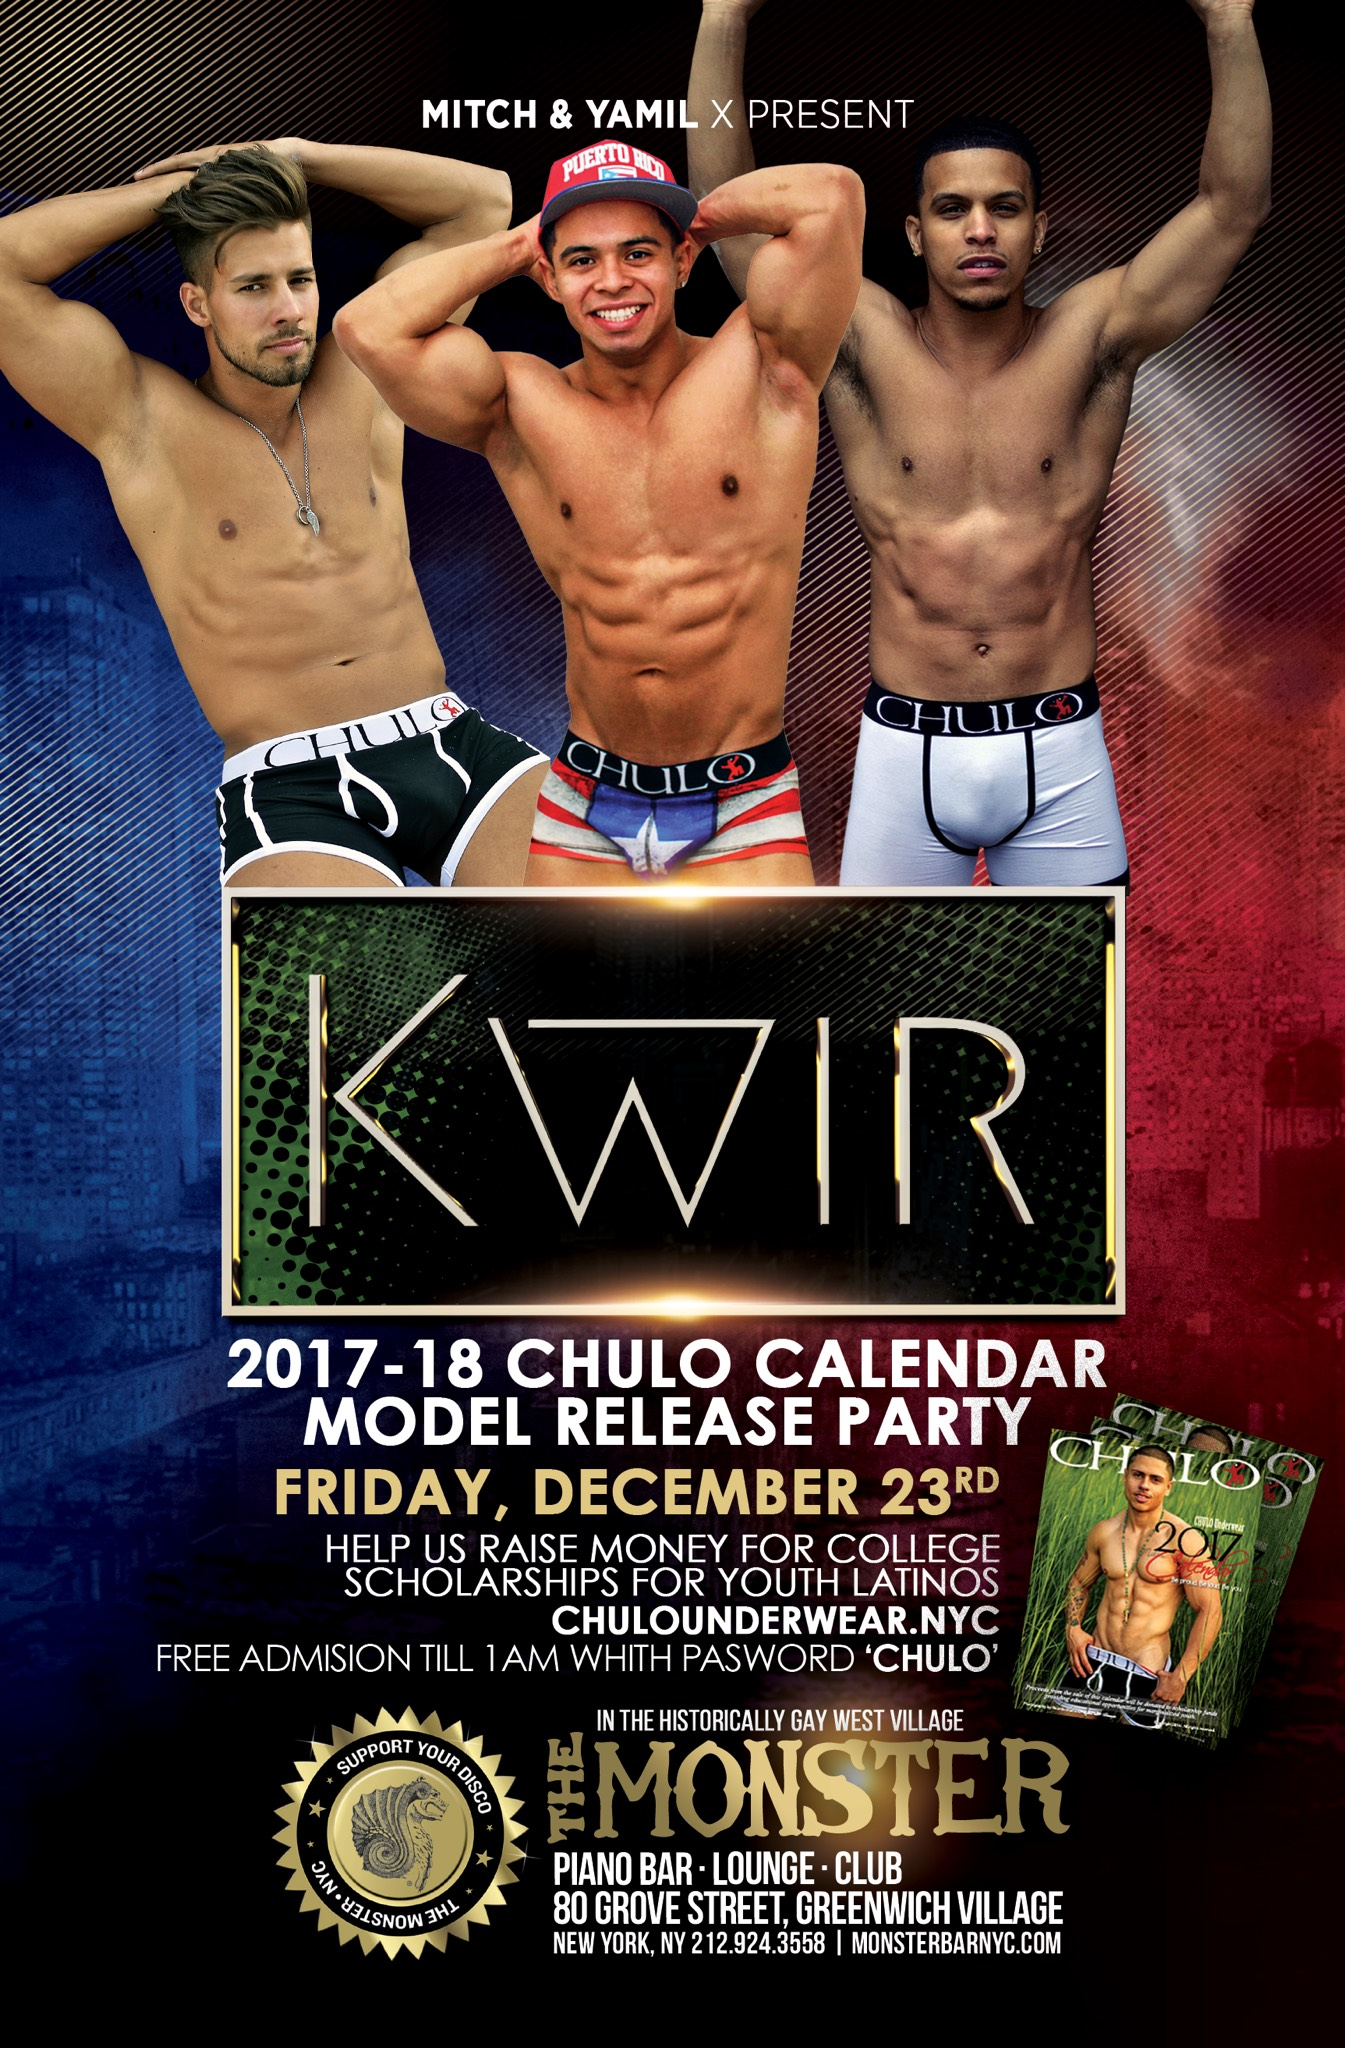 CHULO Calendar Release 2016